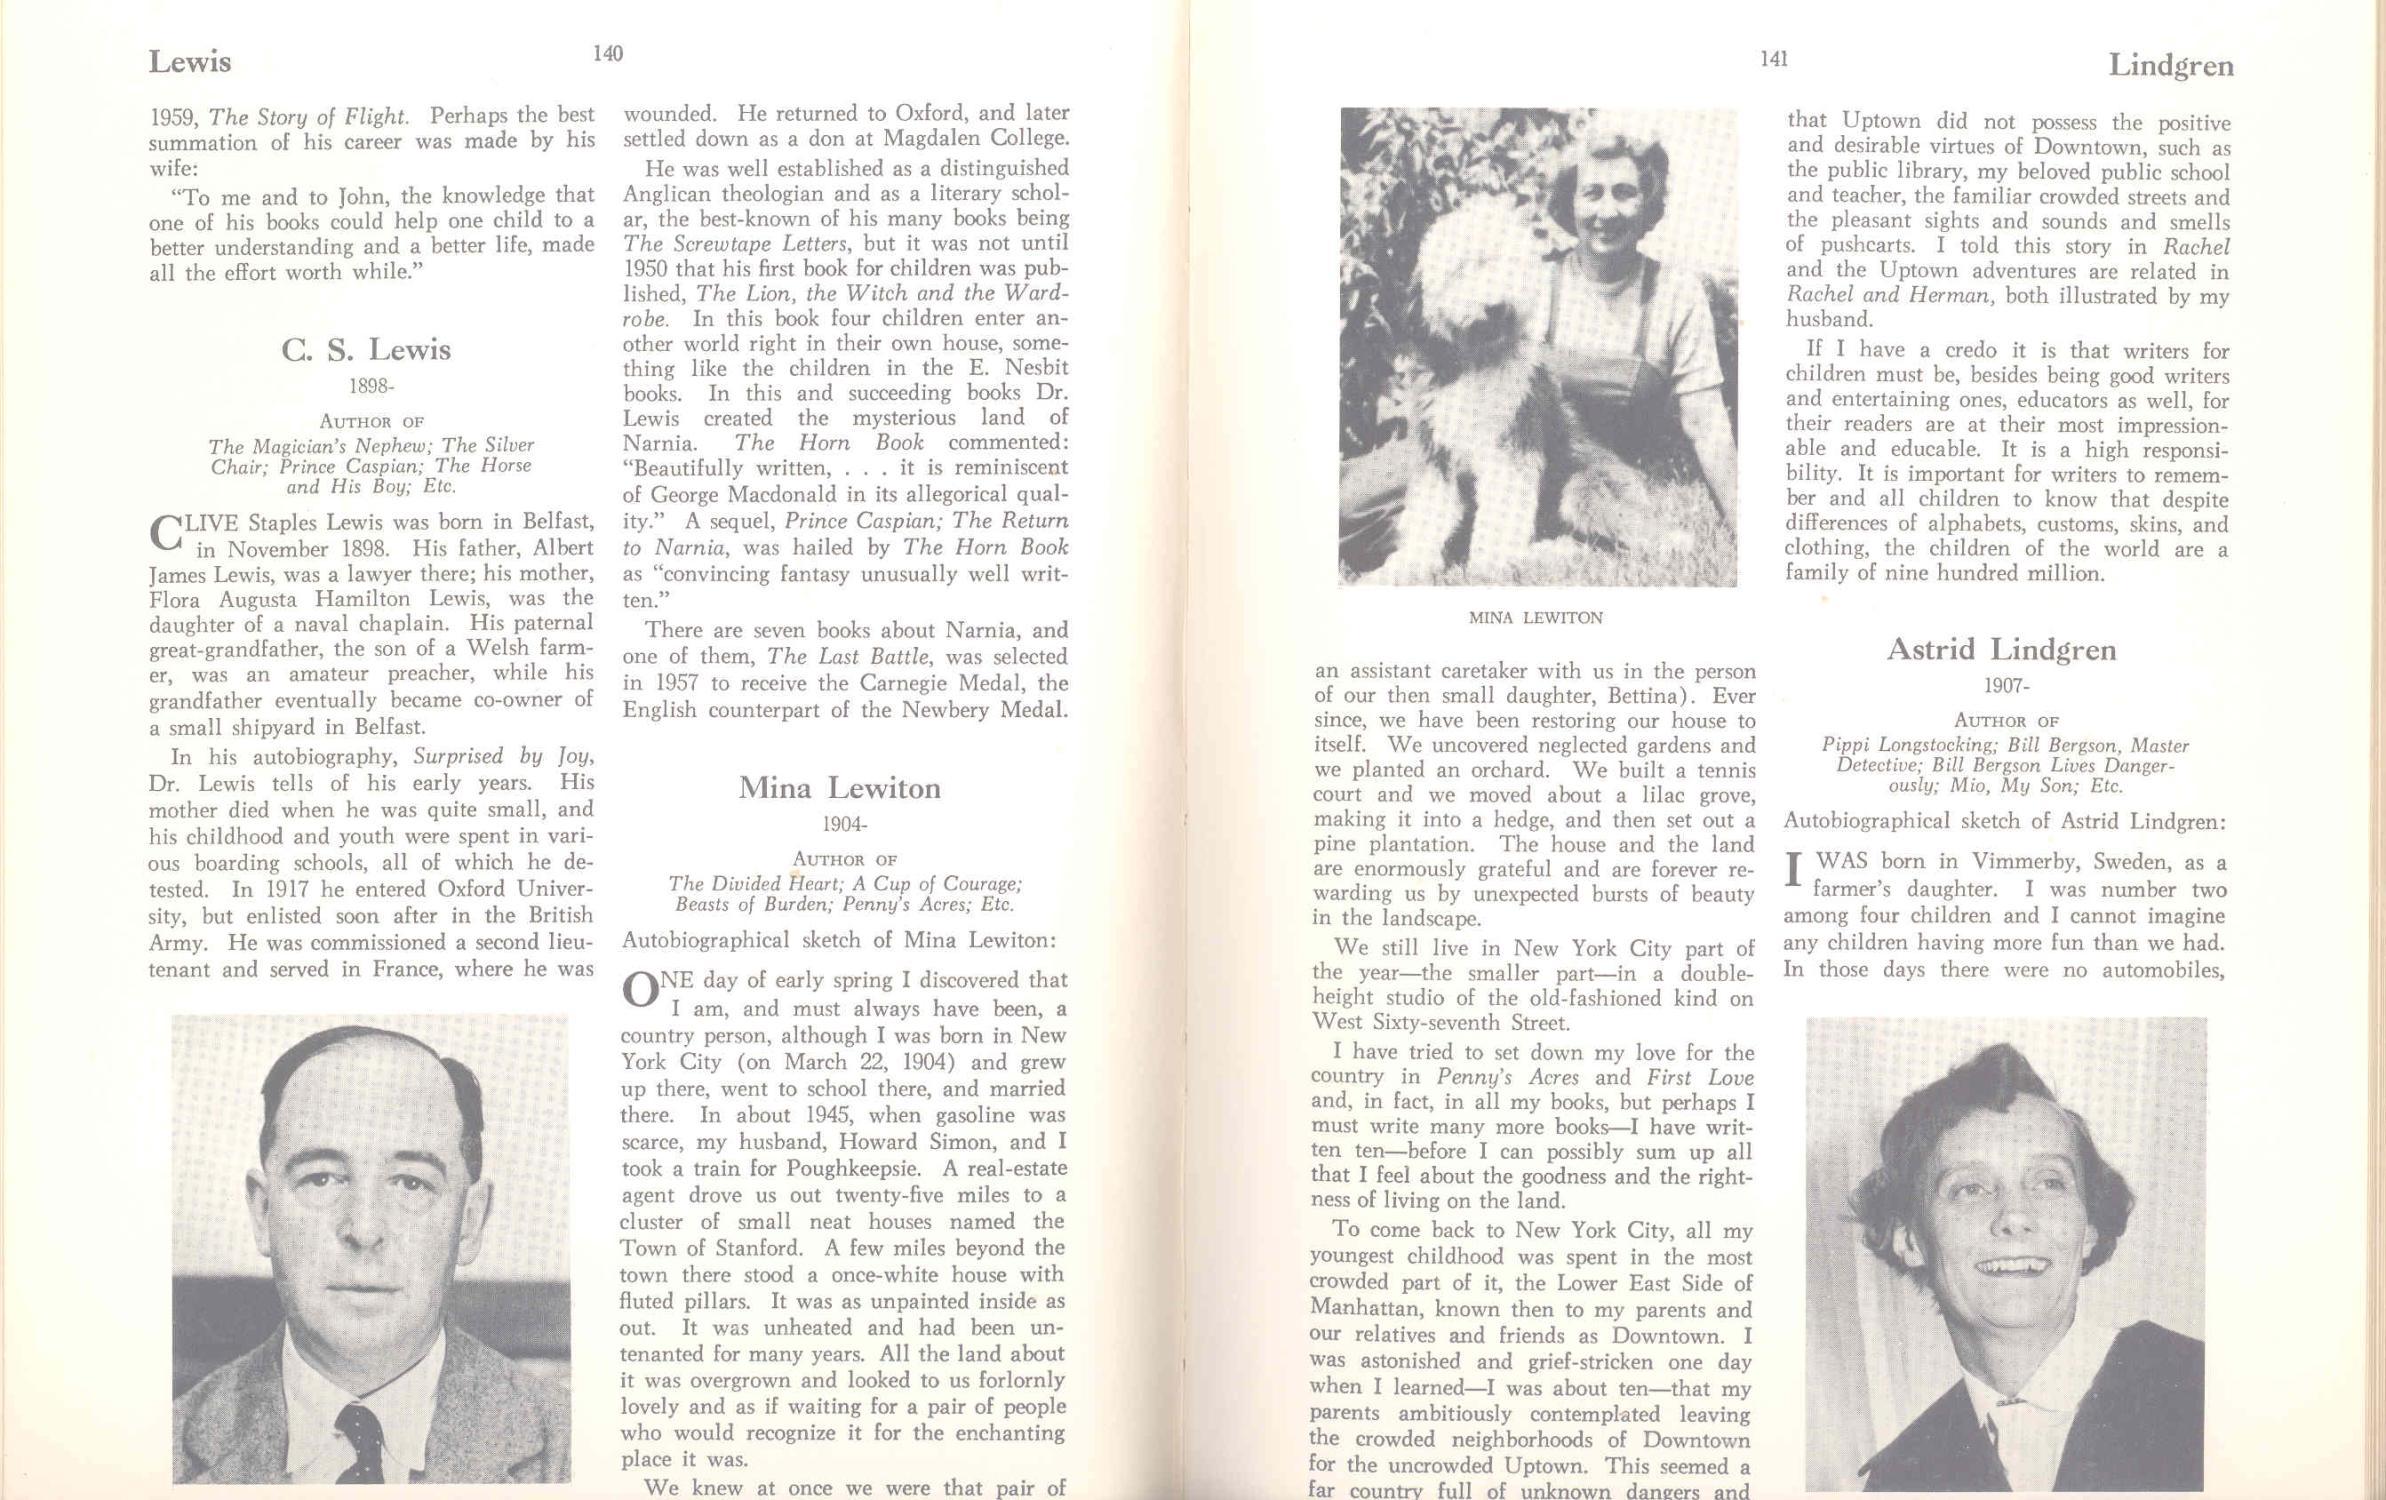 More Junior Authors. [Tha Author Series] - Fuller, Muriel, editor.